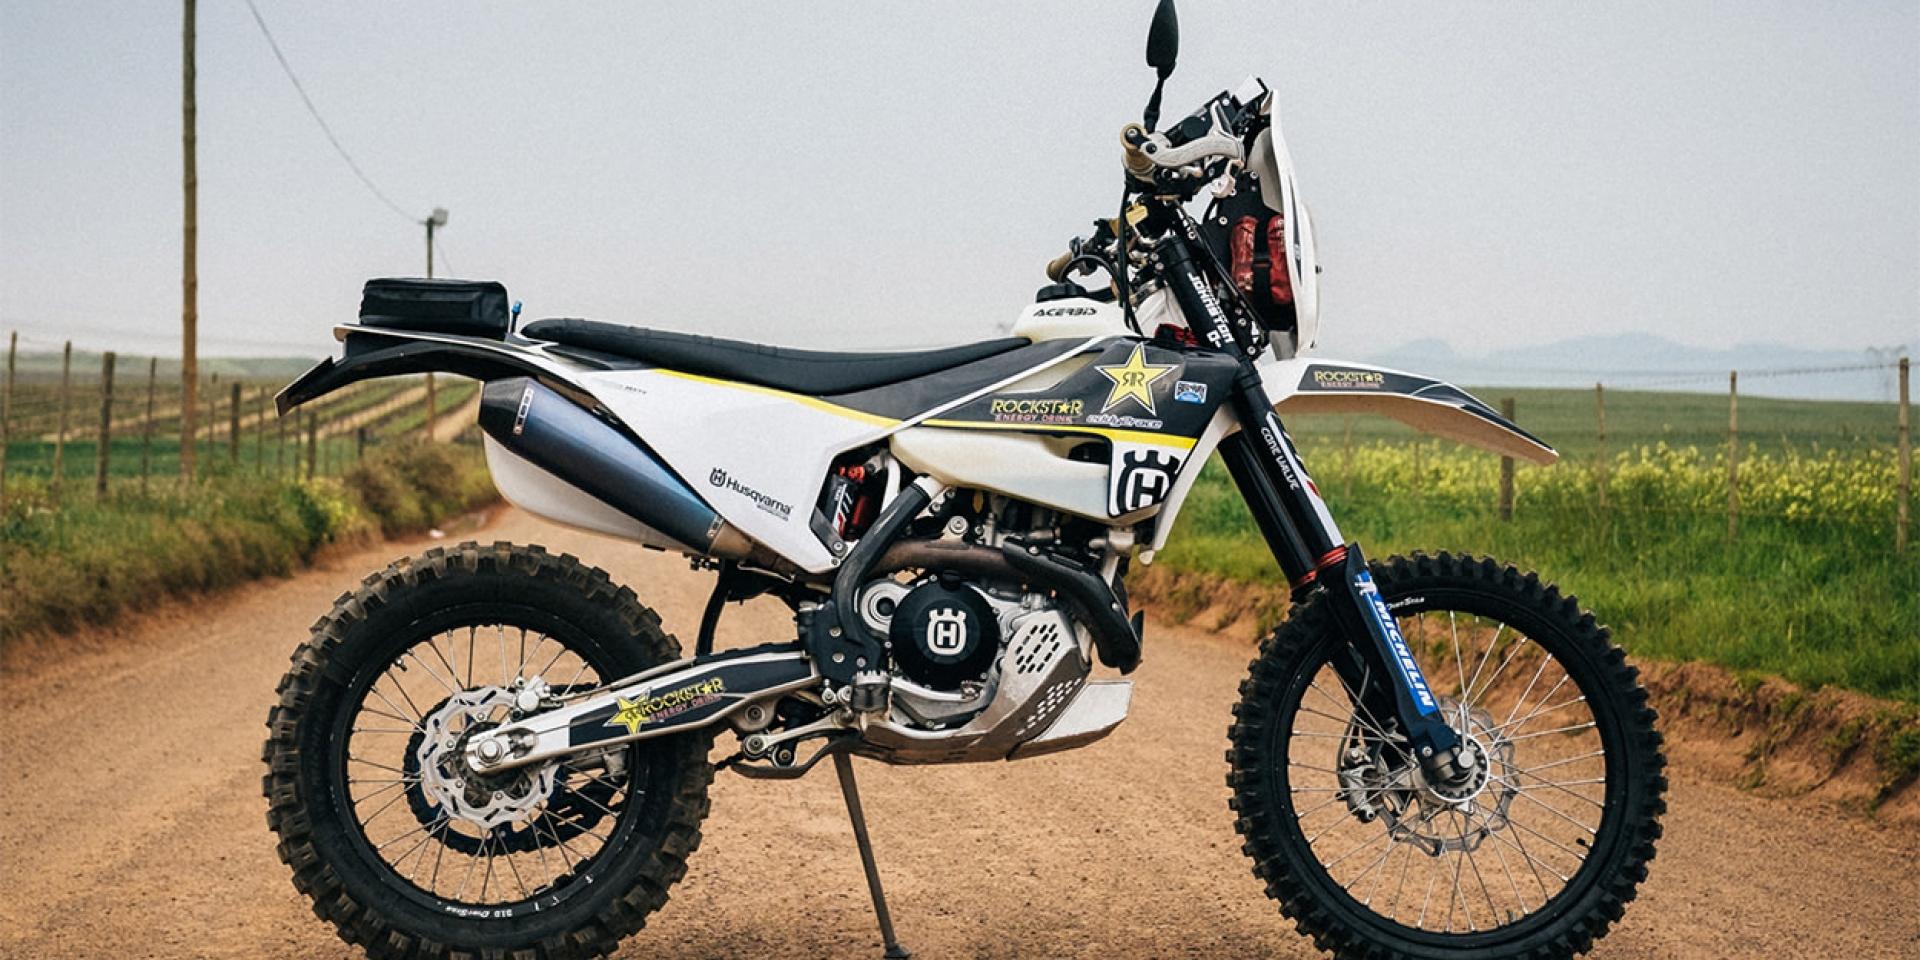 拉力拉起來!刷一整排泥巴!拉力戰鬥版HUSQVARNA FE 501 by Johnston Moto